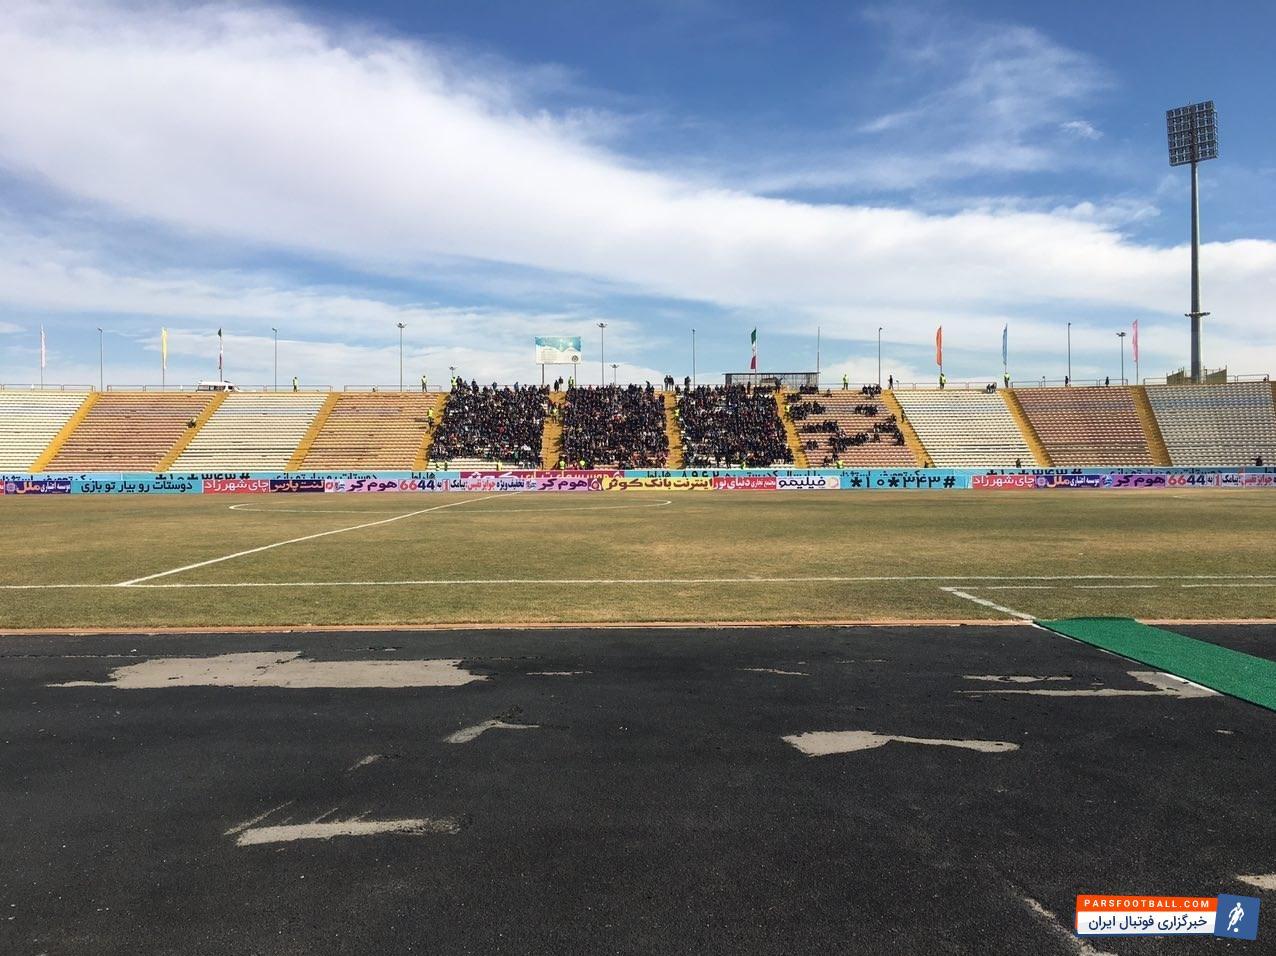 تیمهای مشکی پوشان و پرسپولیس از ساعت 14:30 (جمعه) در چارچوب هفته نوزدهم لیگ برتر فوتبال باشگاههای کشور در ورزشگله ثامن مشهد به مصاف یکدیگر می روند.